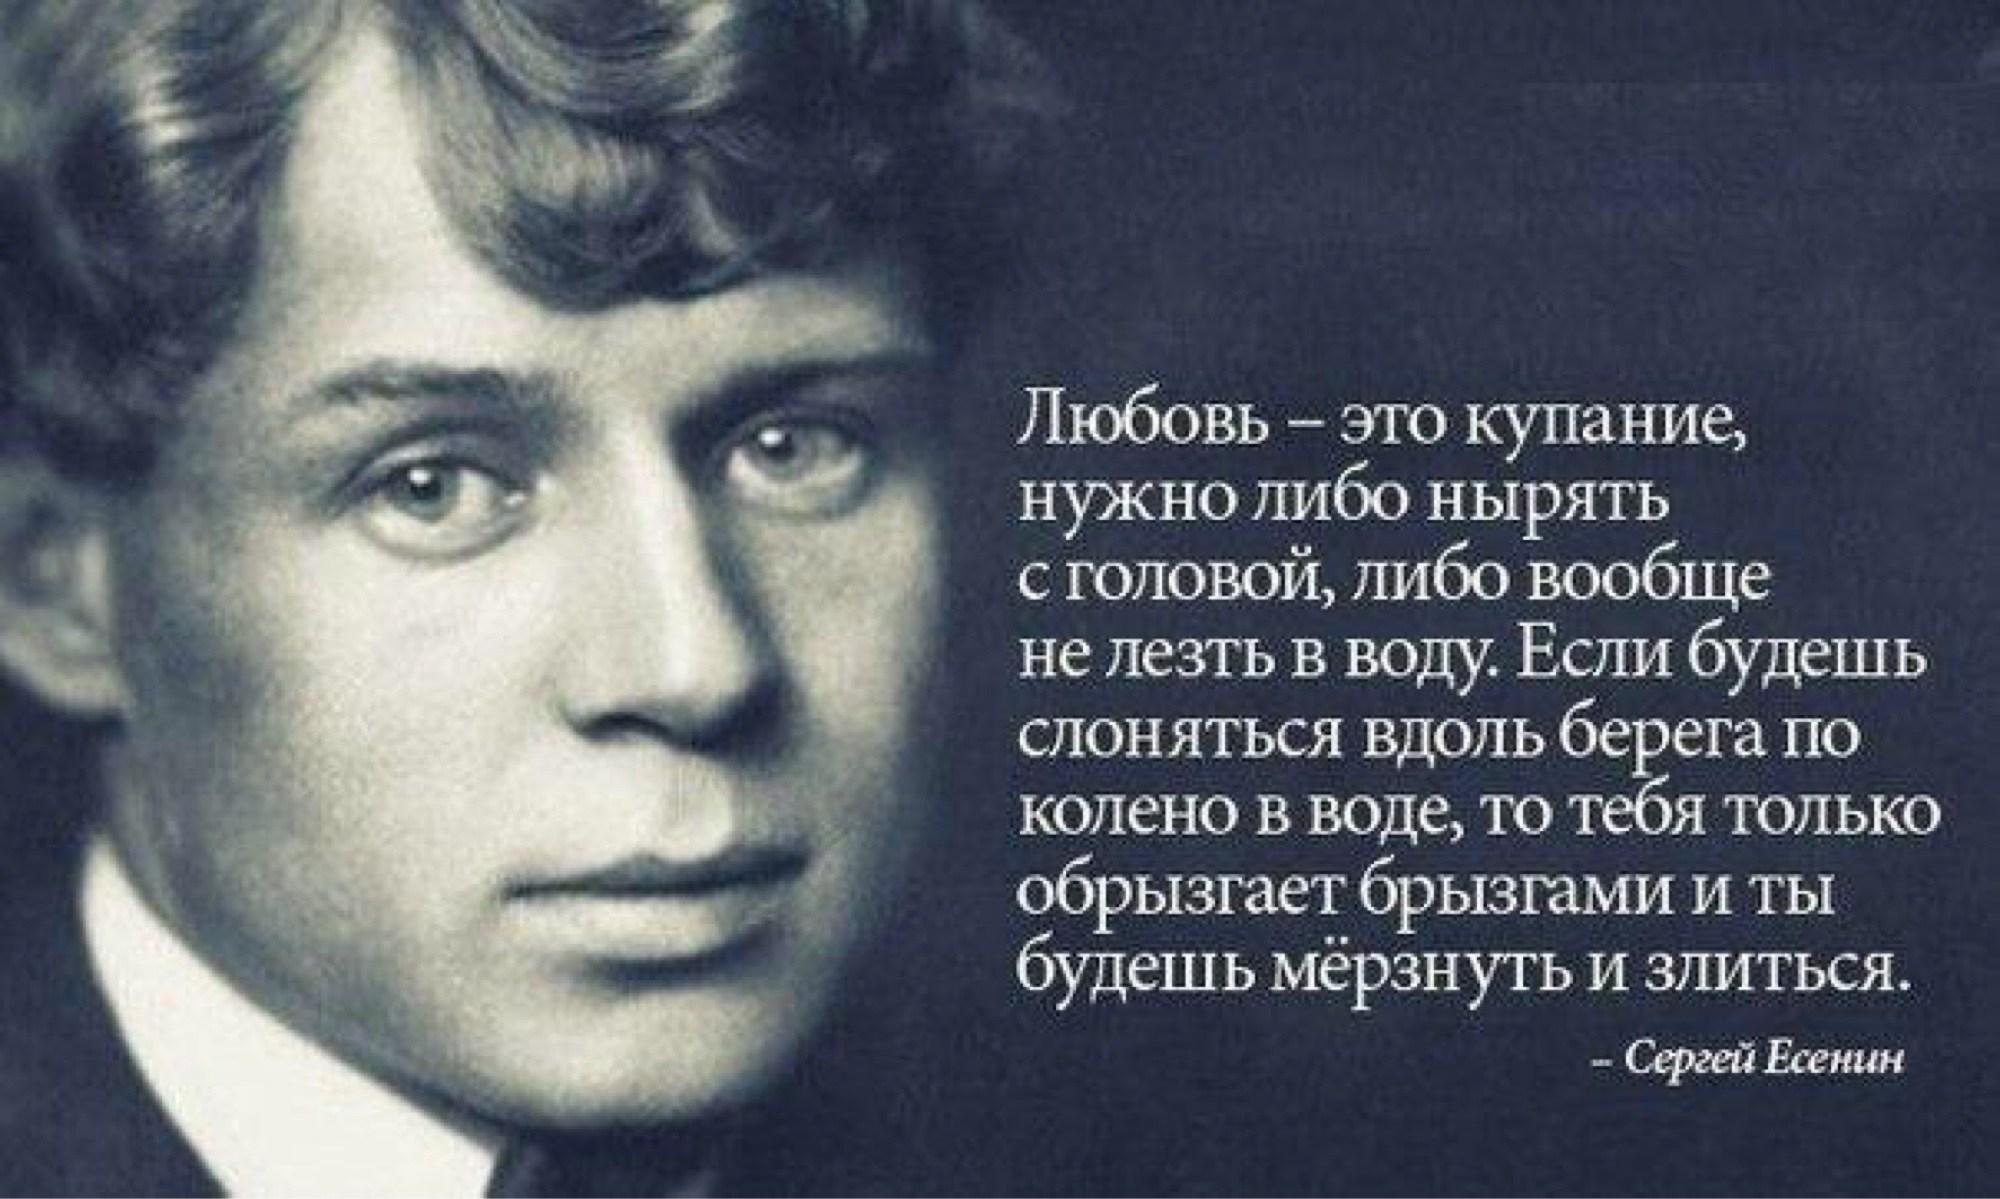 картинки со стихами российских поэтов портале